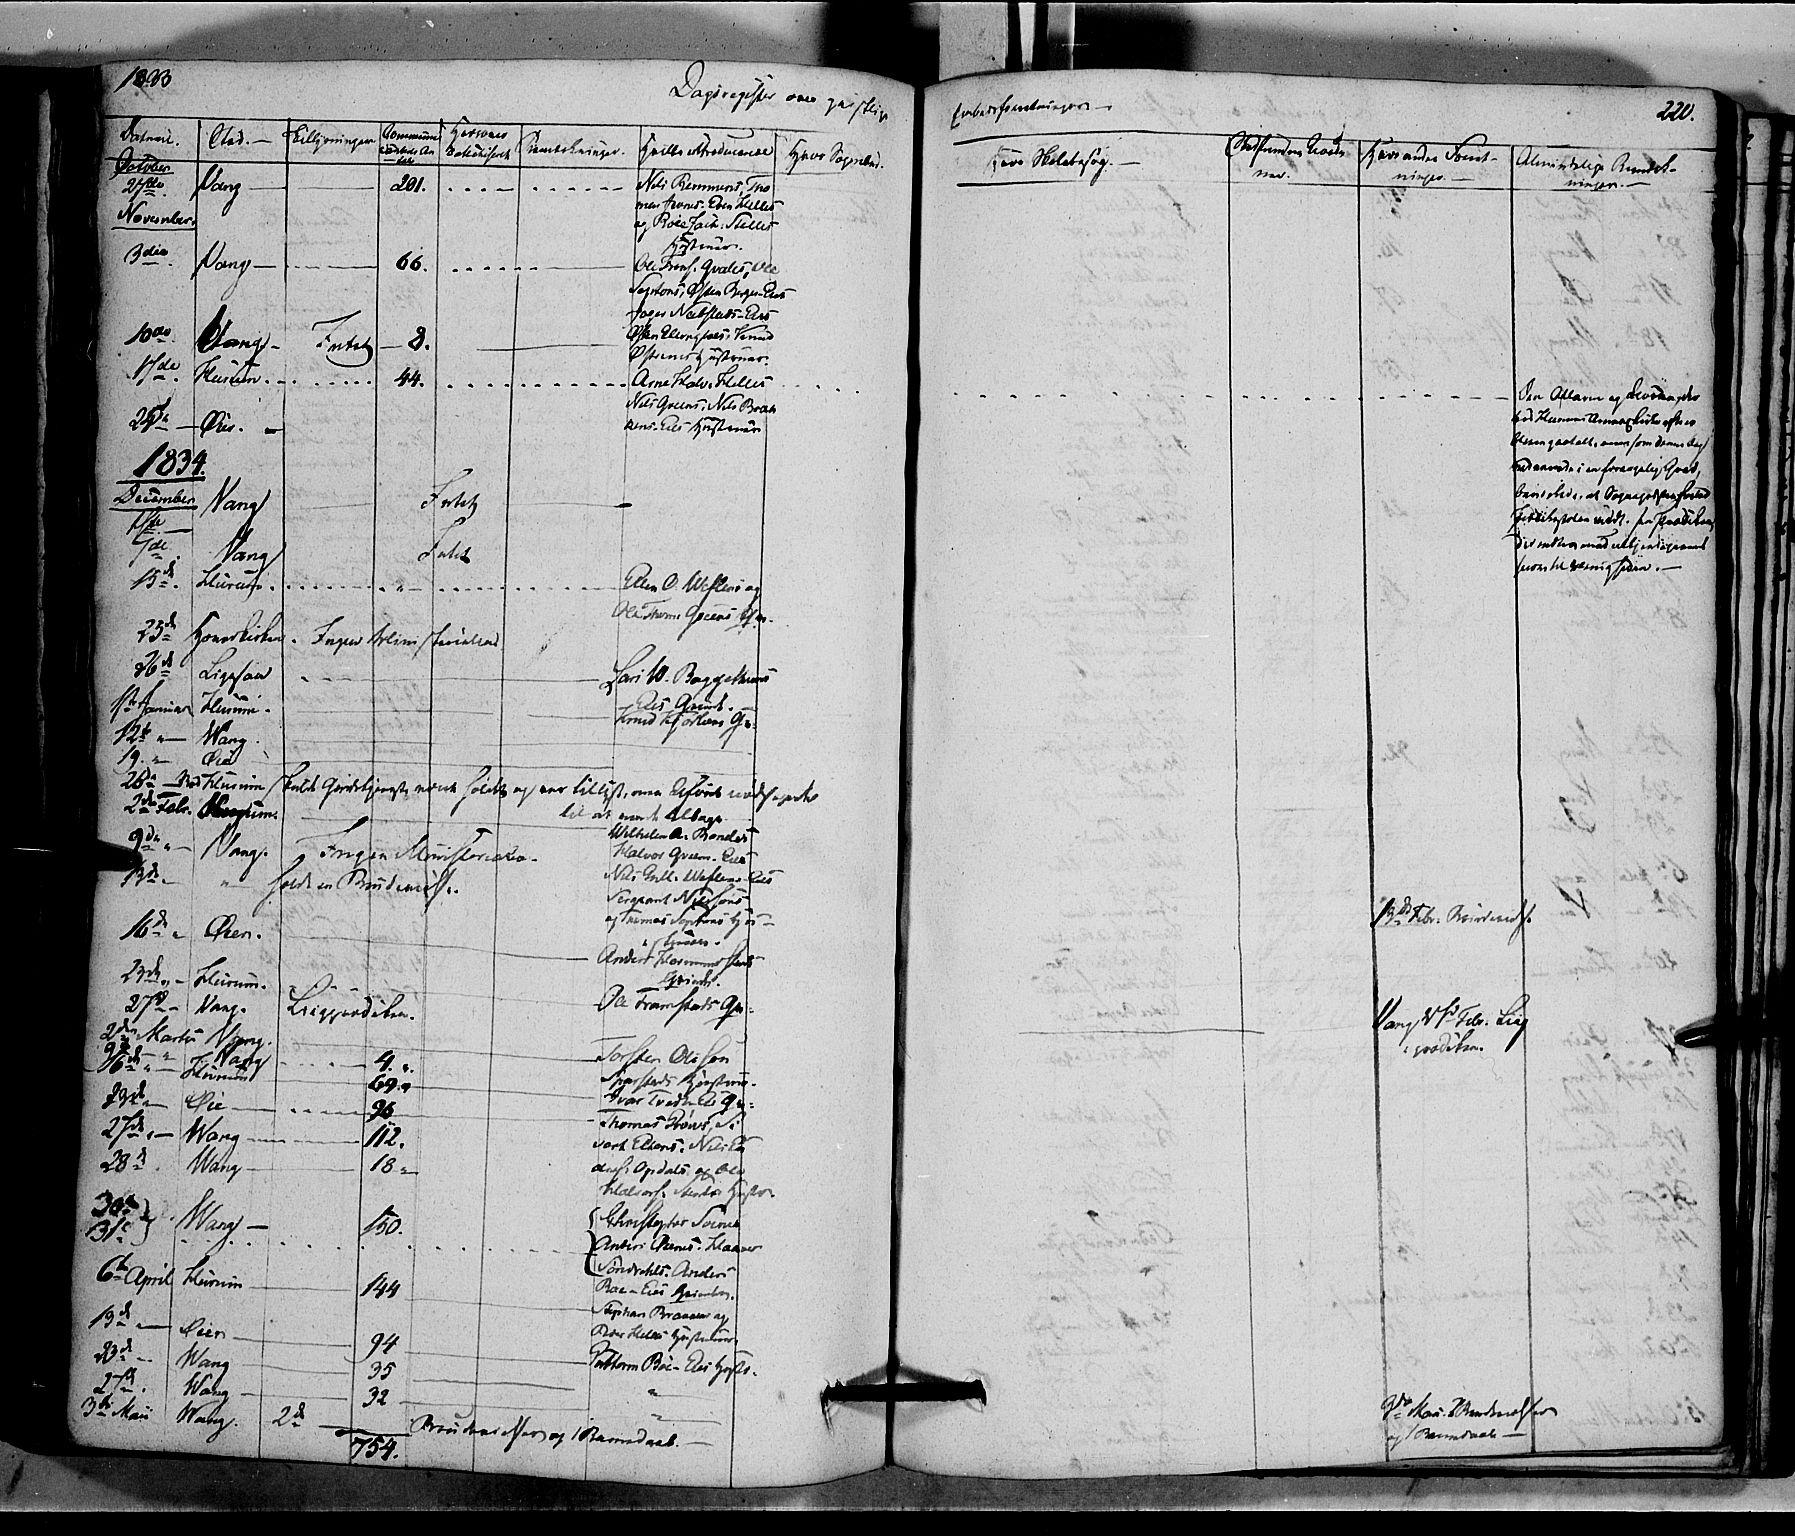 SAH, Vang prestekontor, Valdres, Ministerialbok nr. 5, 1831-1845, s. 220